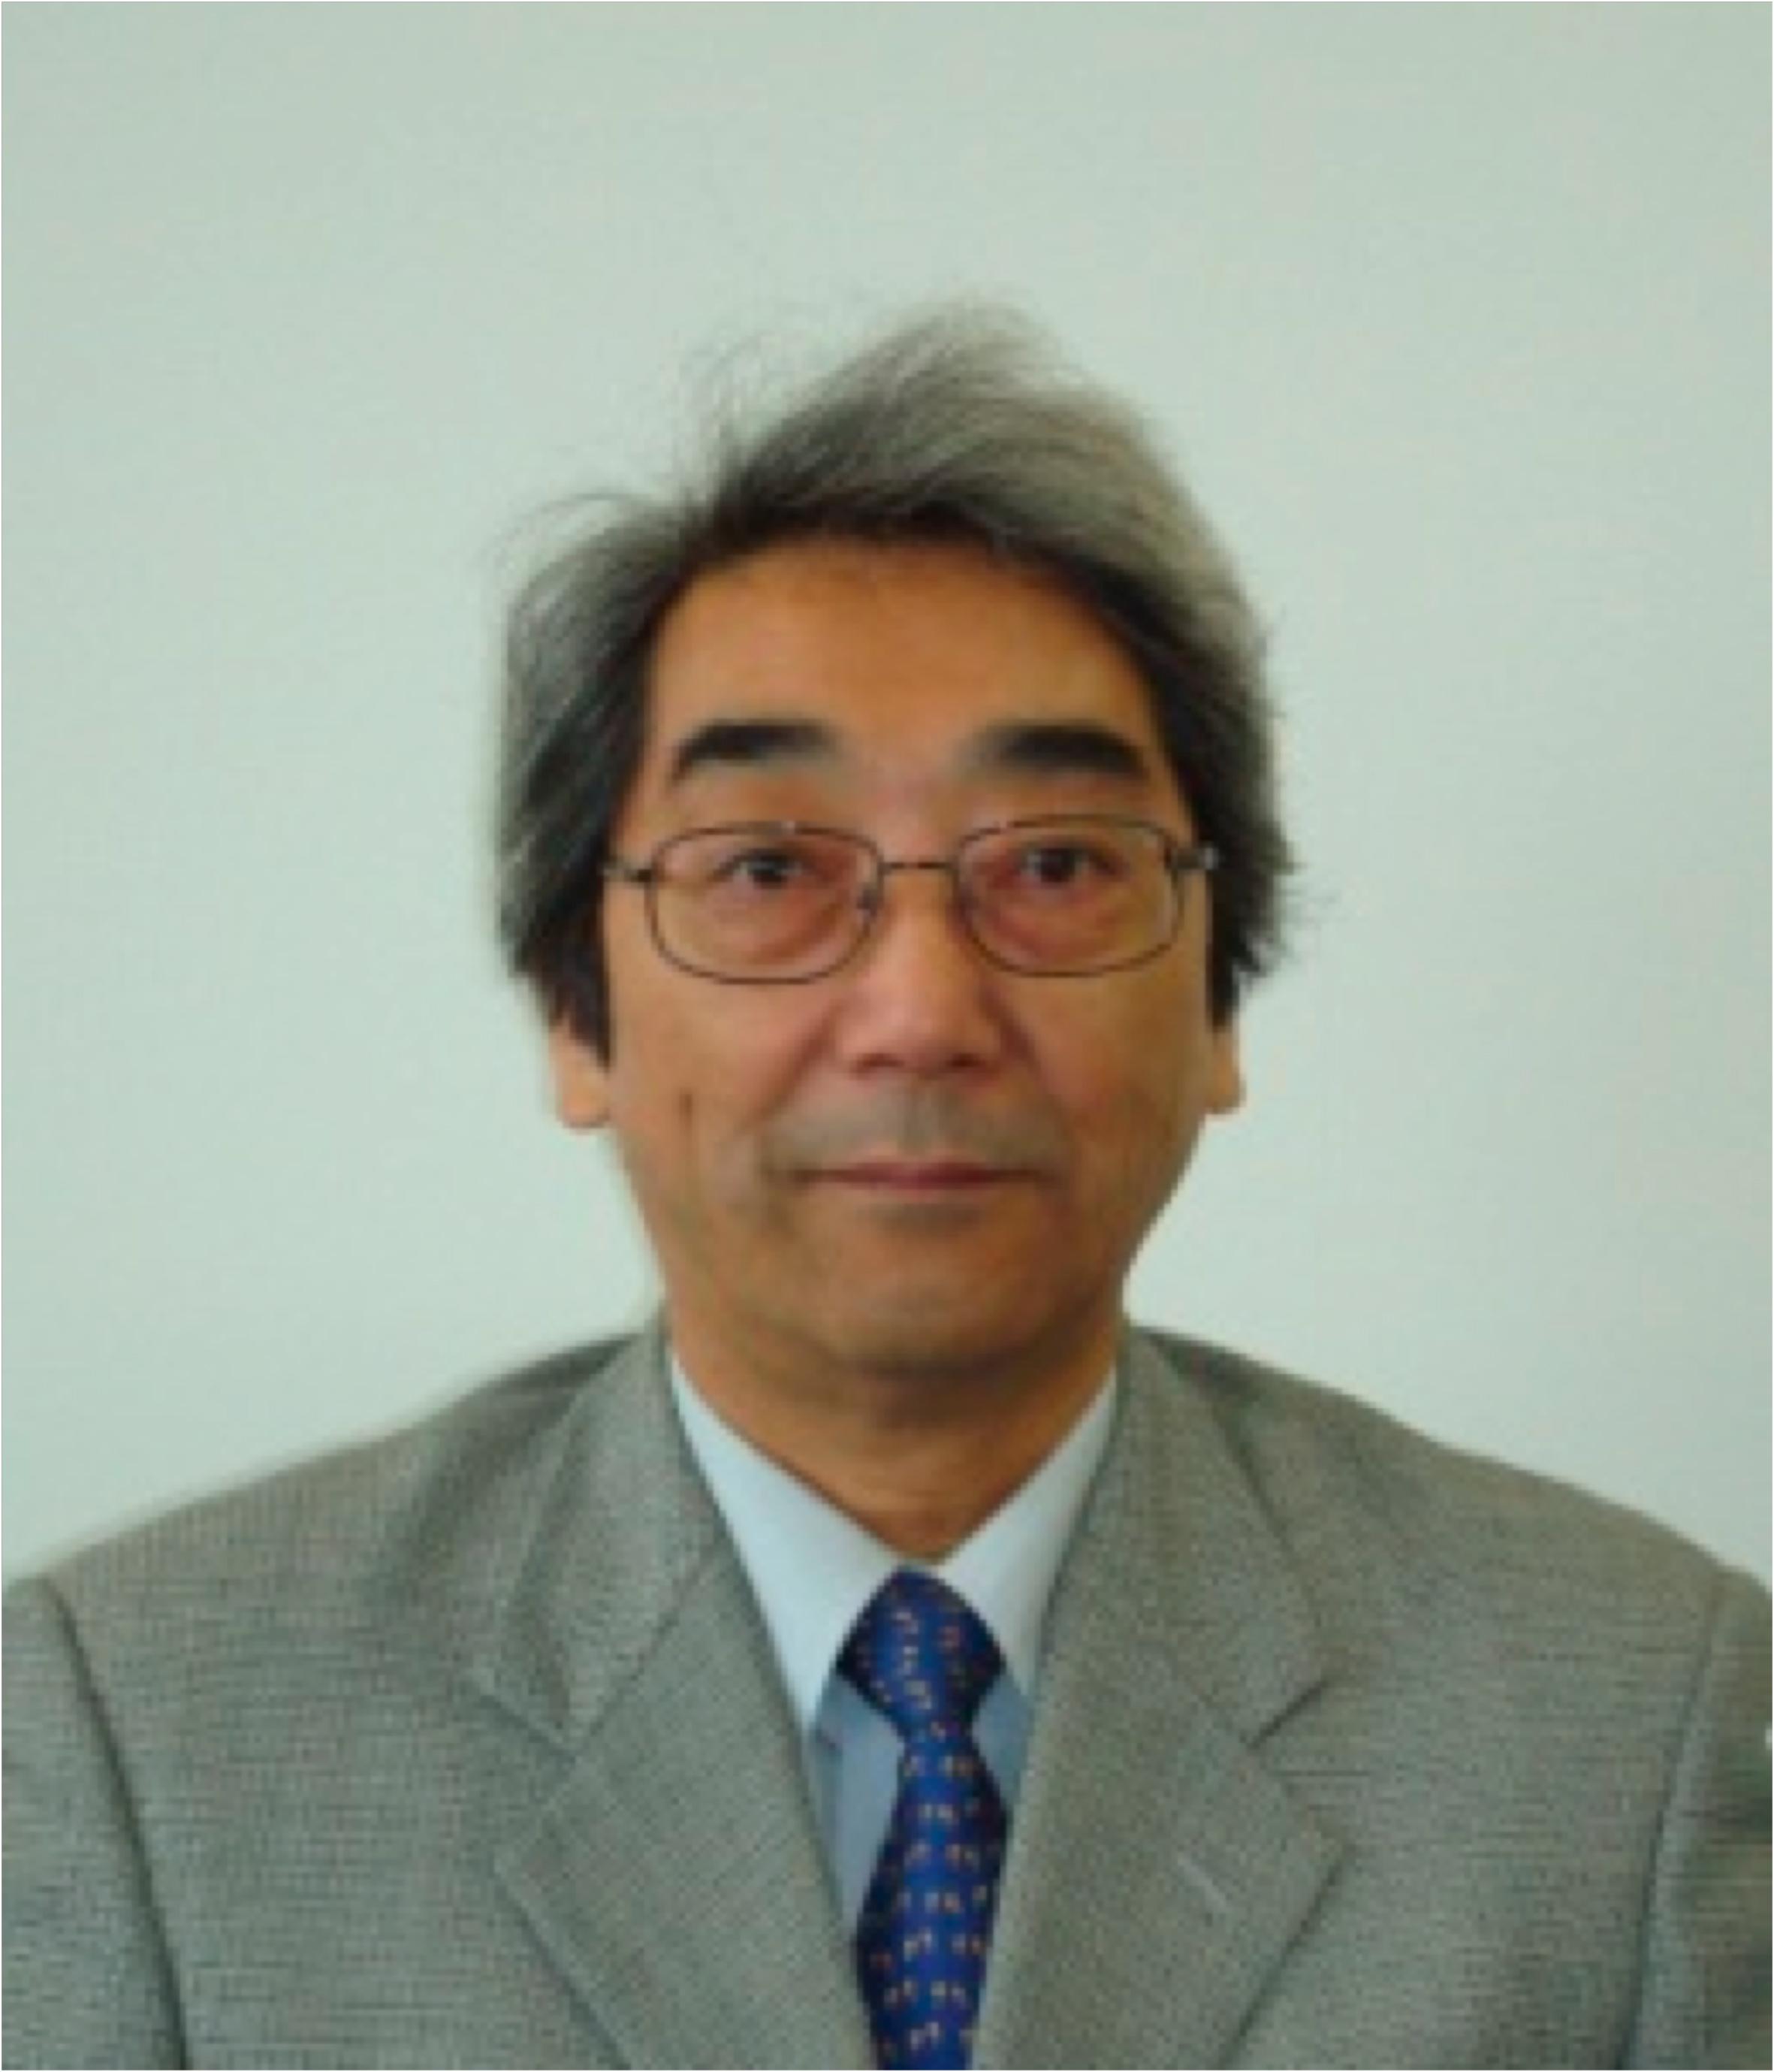 金沢 敏彦 (かなざわ・としひこ)